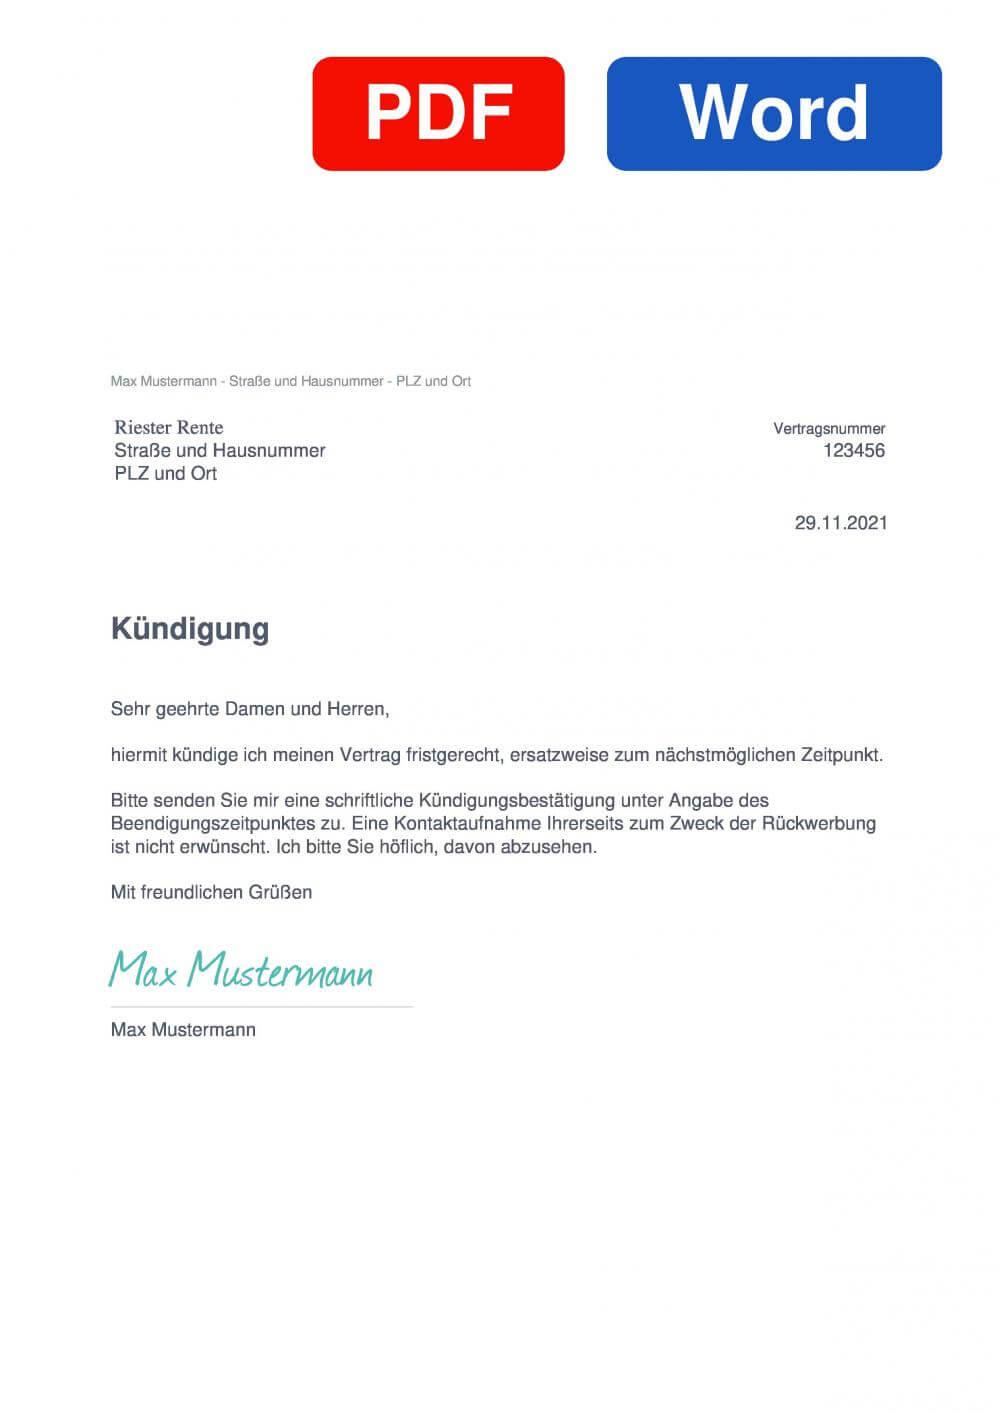 Riester Rente Muster Vorlage für Kündigungsschreiben